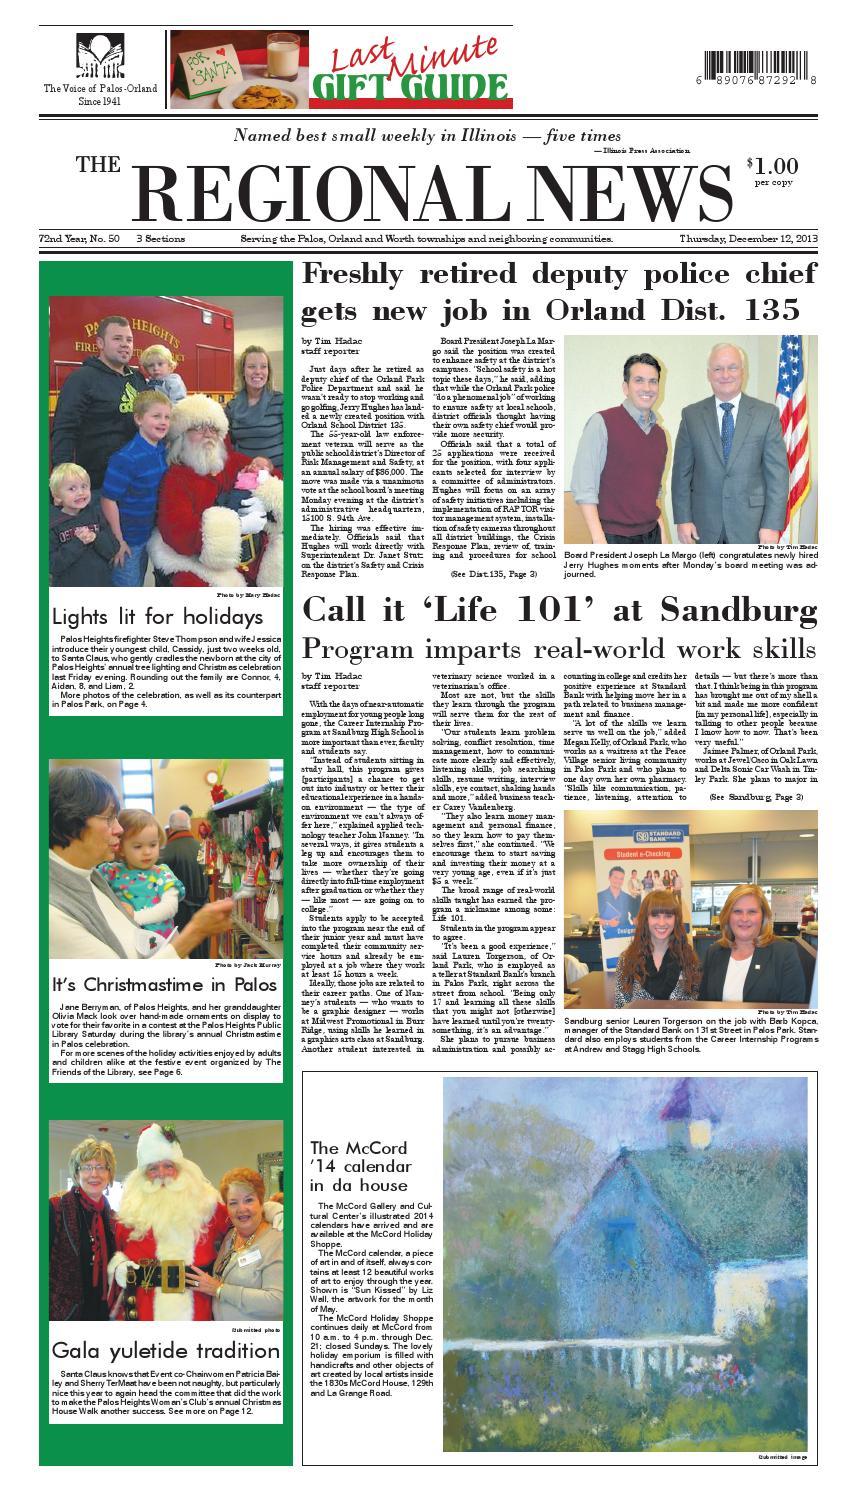 20131212 regional news by Southwest Regional Publishing issuu